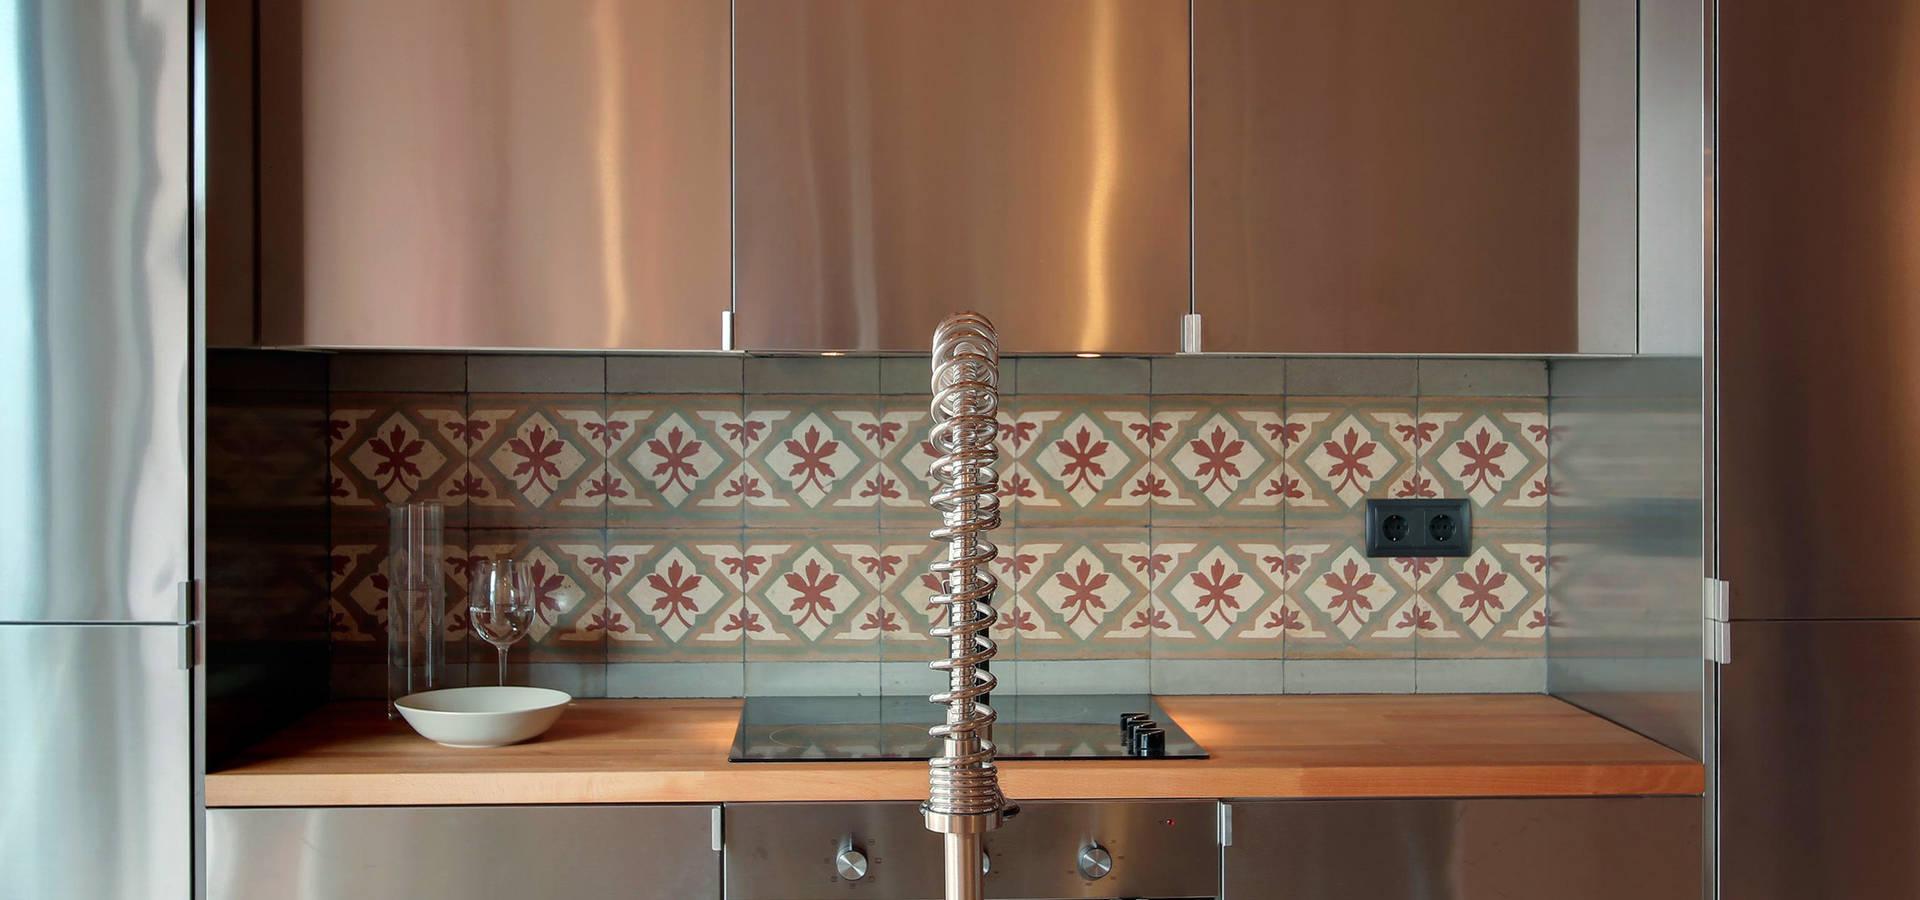 Lara Pujol  |  Interiorismo & Proyectos de diseño